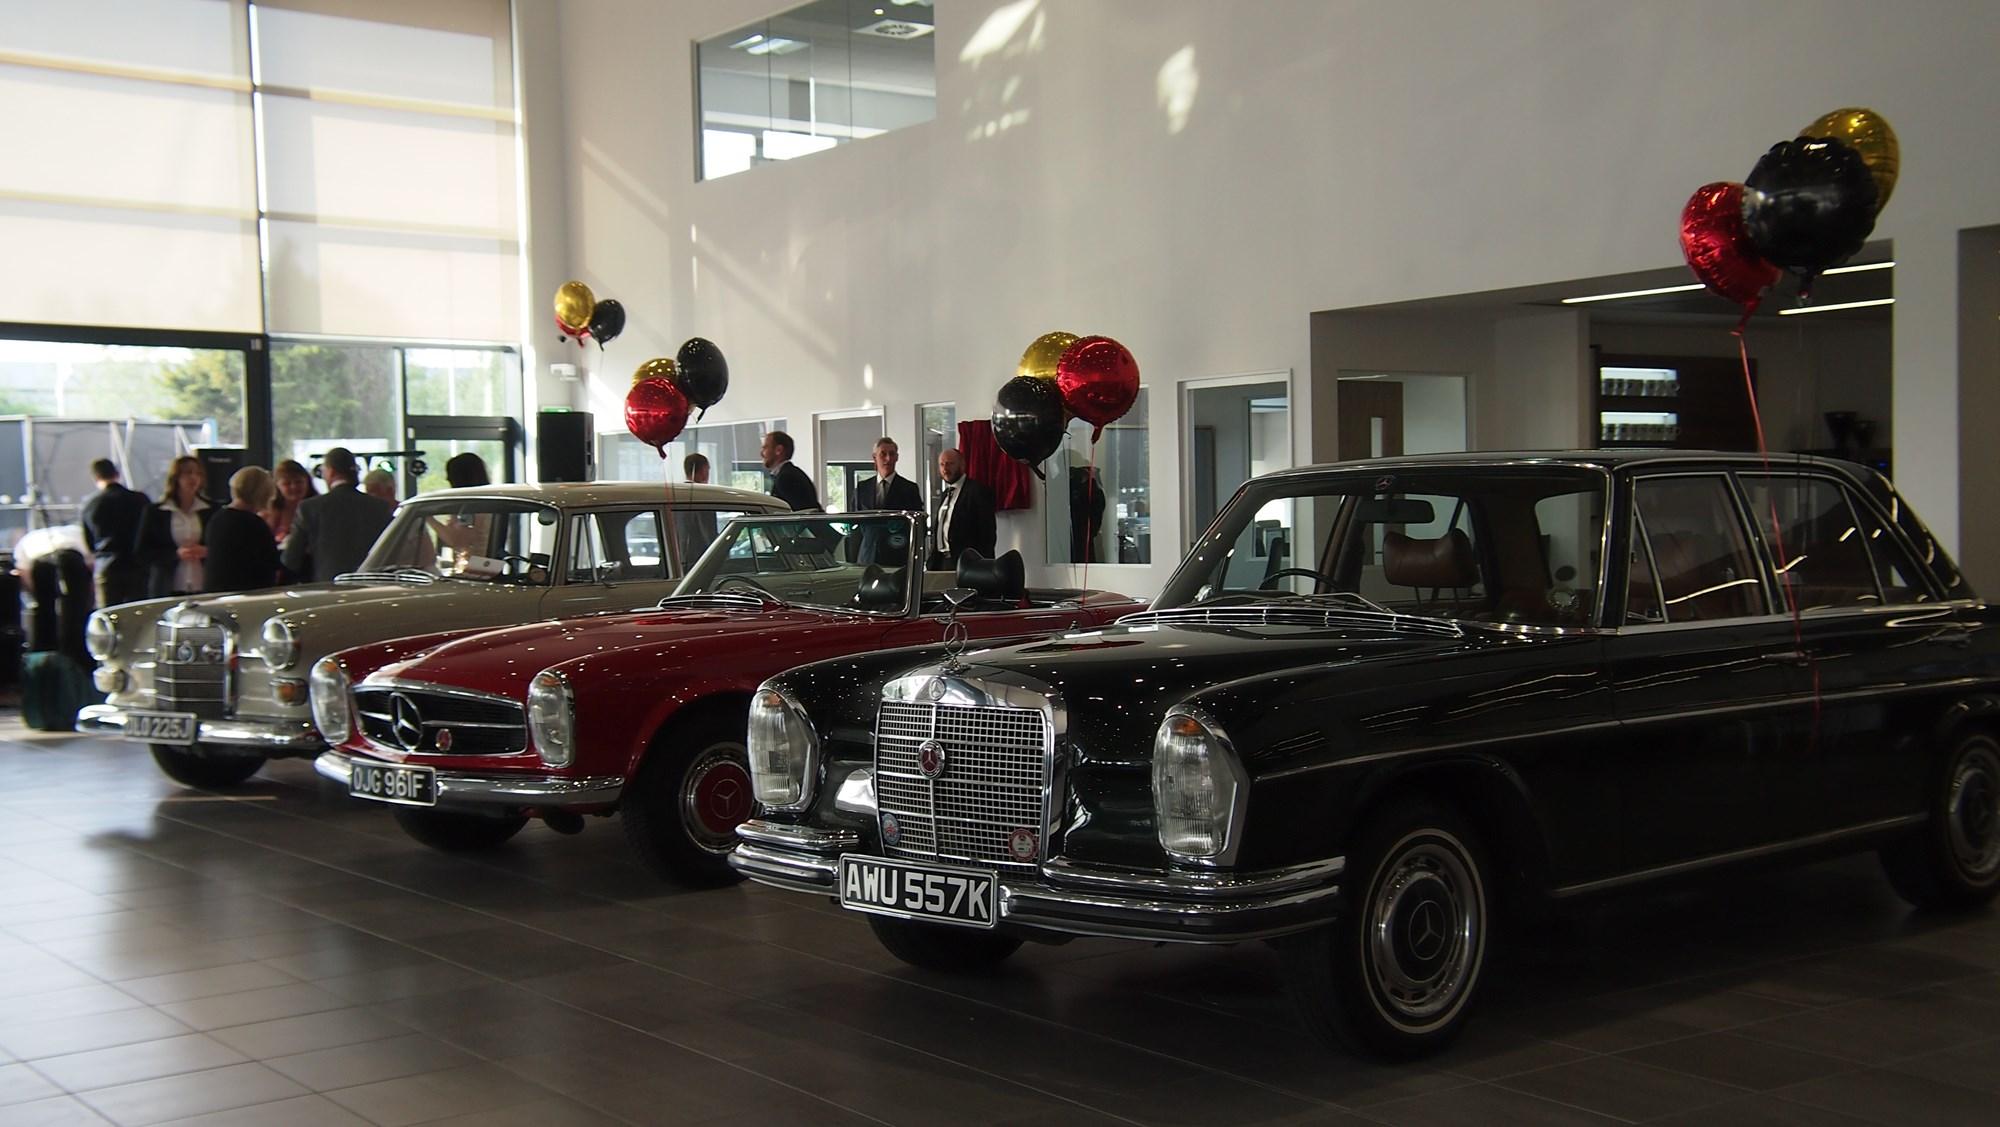 Lookers Opens New Mercedes-Benz Dealership In Tonbridge